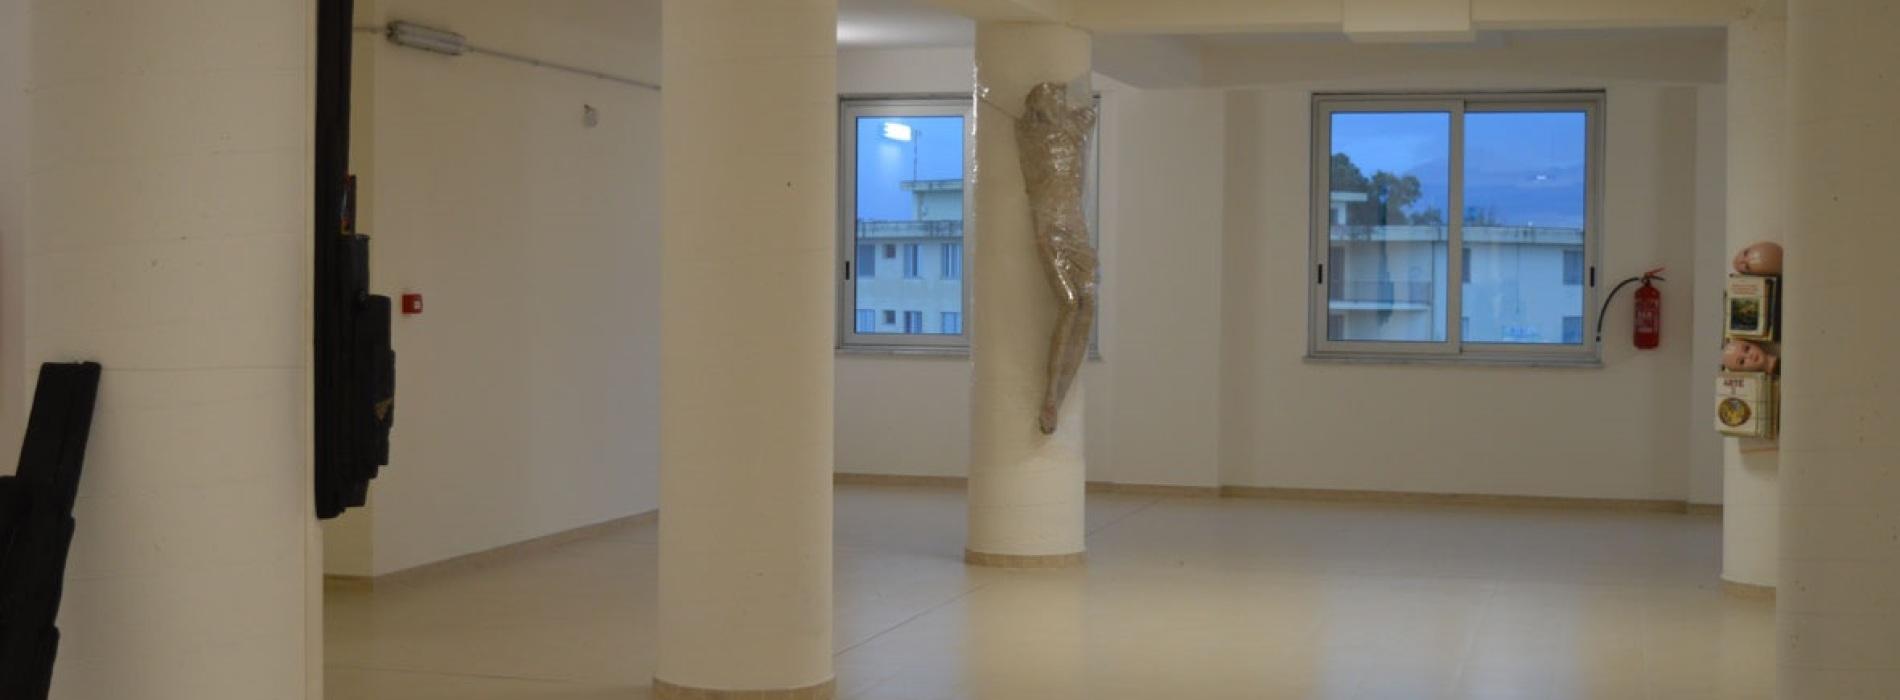 Columnae Artis, 13 opere si mettono in circolo. A Marcianise